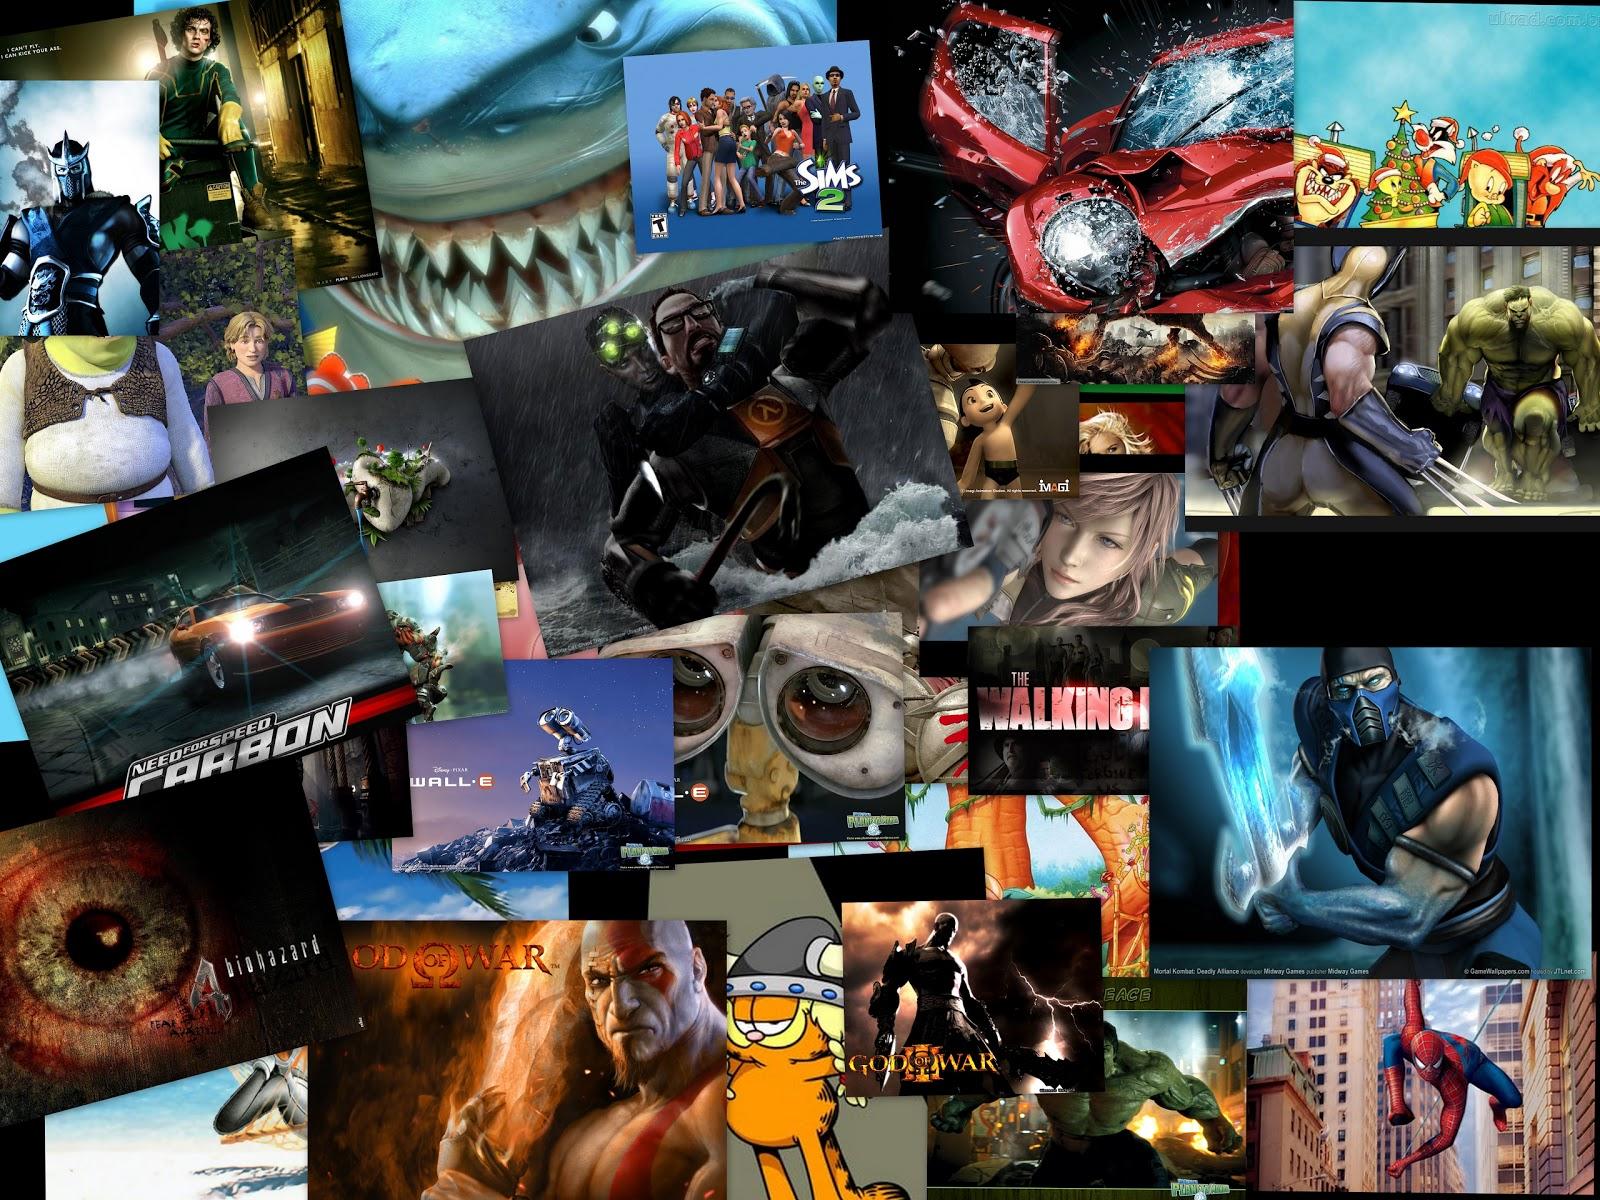 http://2.bp.blogspot.com/-dFZ20ml8uGM/Tdk6ArGs4qI/AAAAAAAAACE/zKRiYz-Nl8k/s1600/desenhos-jogos.jpg